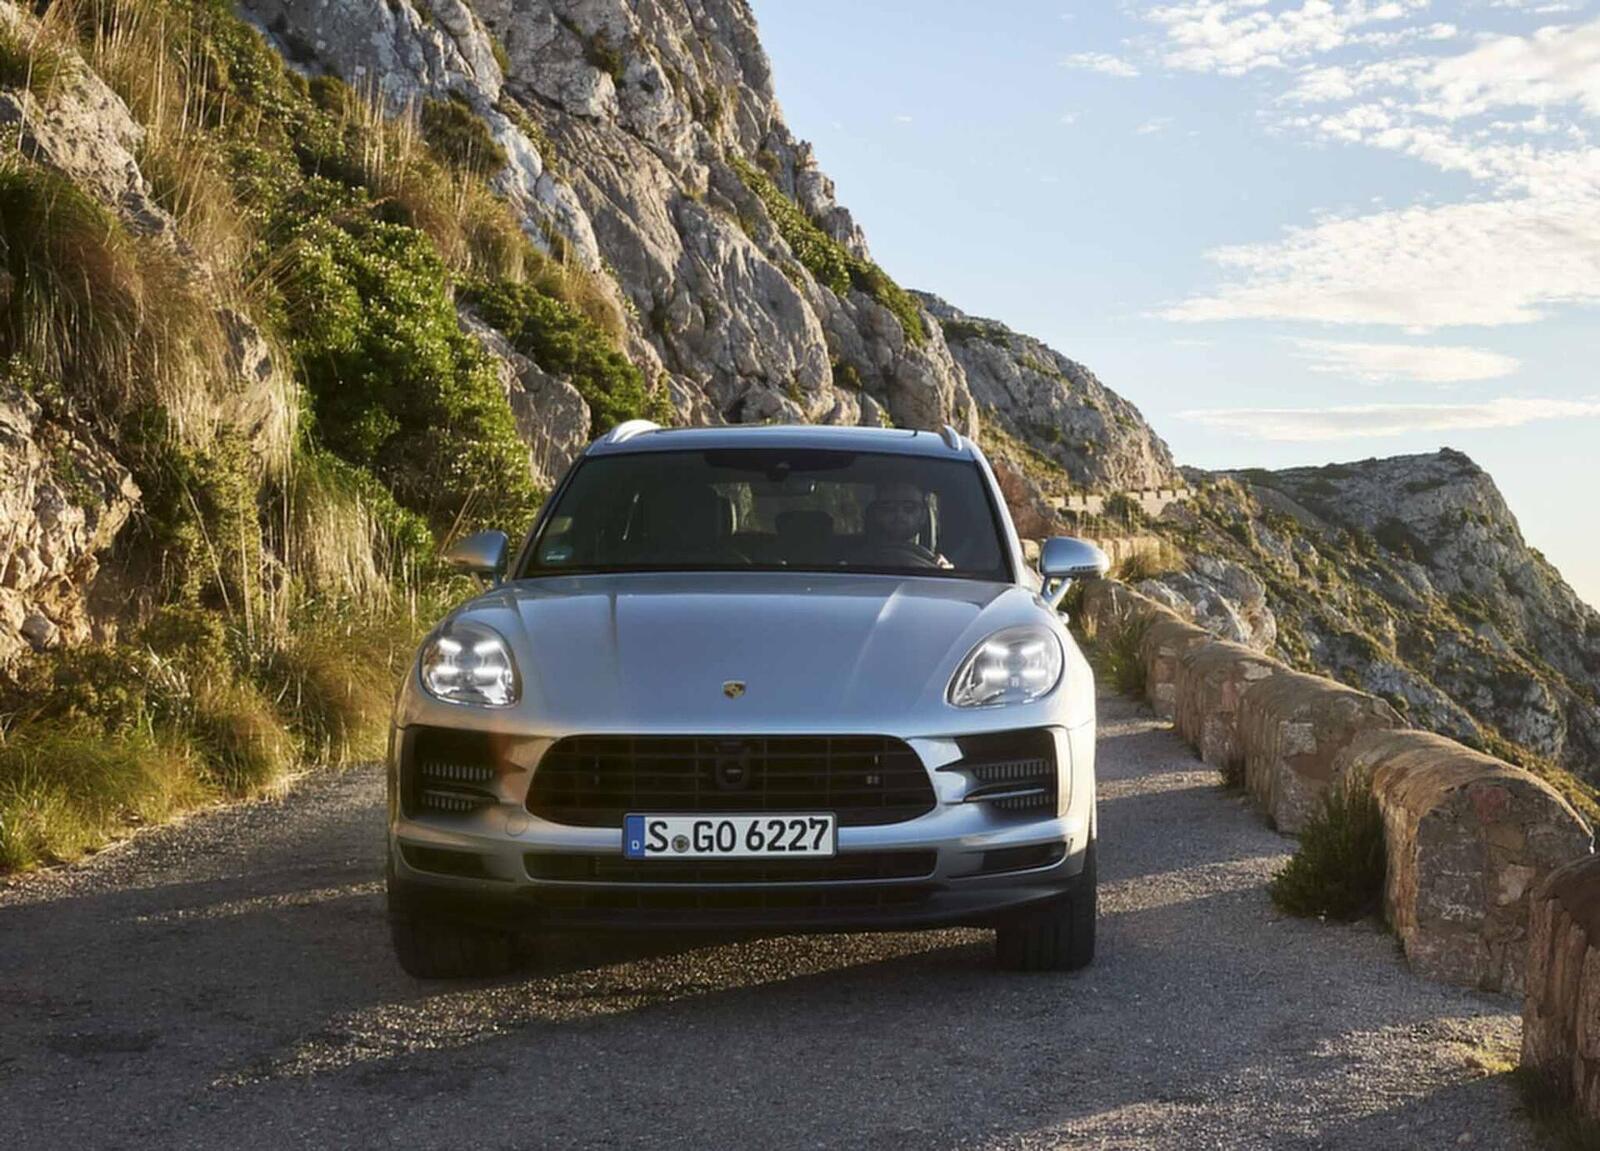 Porsche Macan S 2019 có giá 3,62 tỷ đồng tại Việt Nam; lắp máy V6 3.0L tăng áp mạnh mẽ - Hình 3